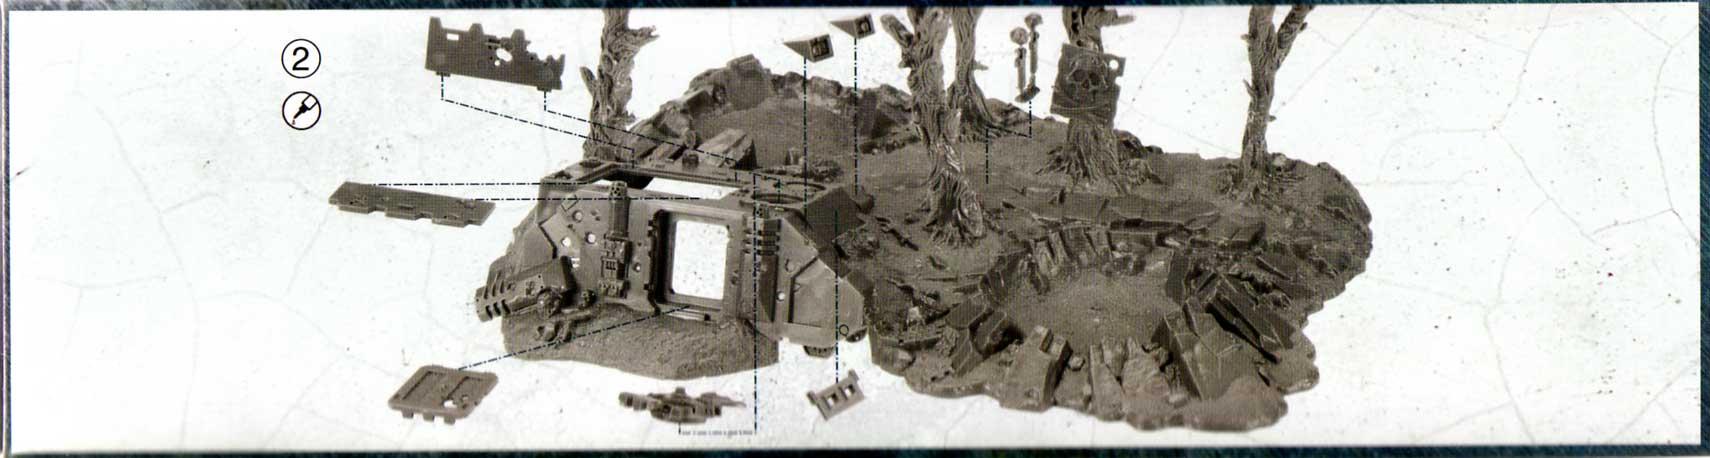 notice de montage de l'épave de Rhino et débris de batailles (décor Warhammer 40.000)